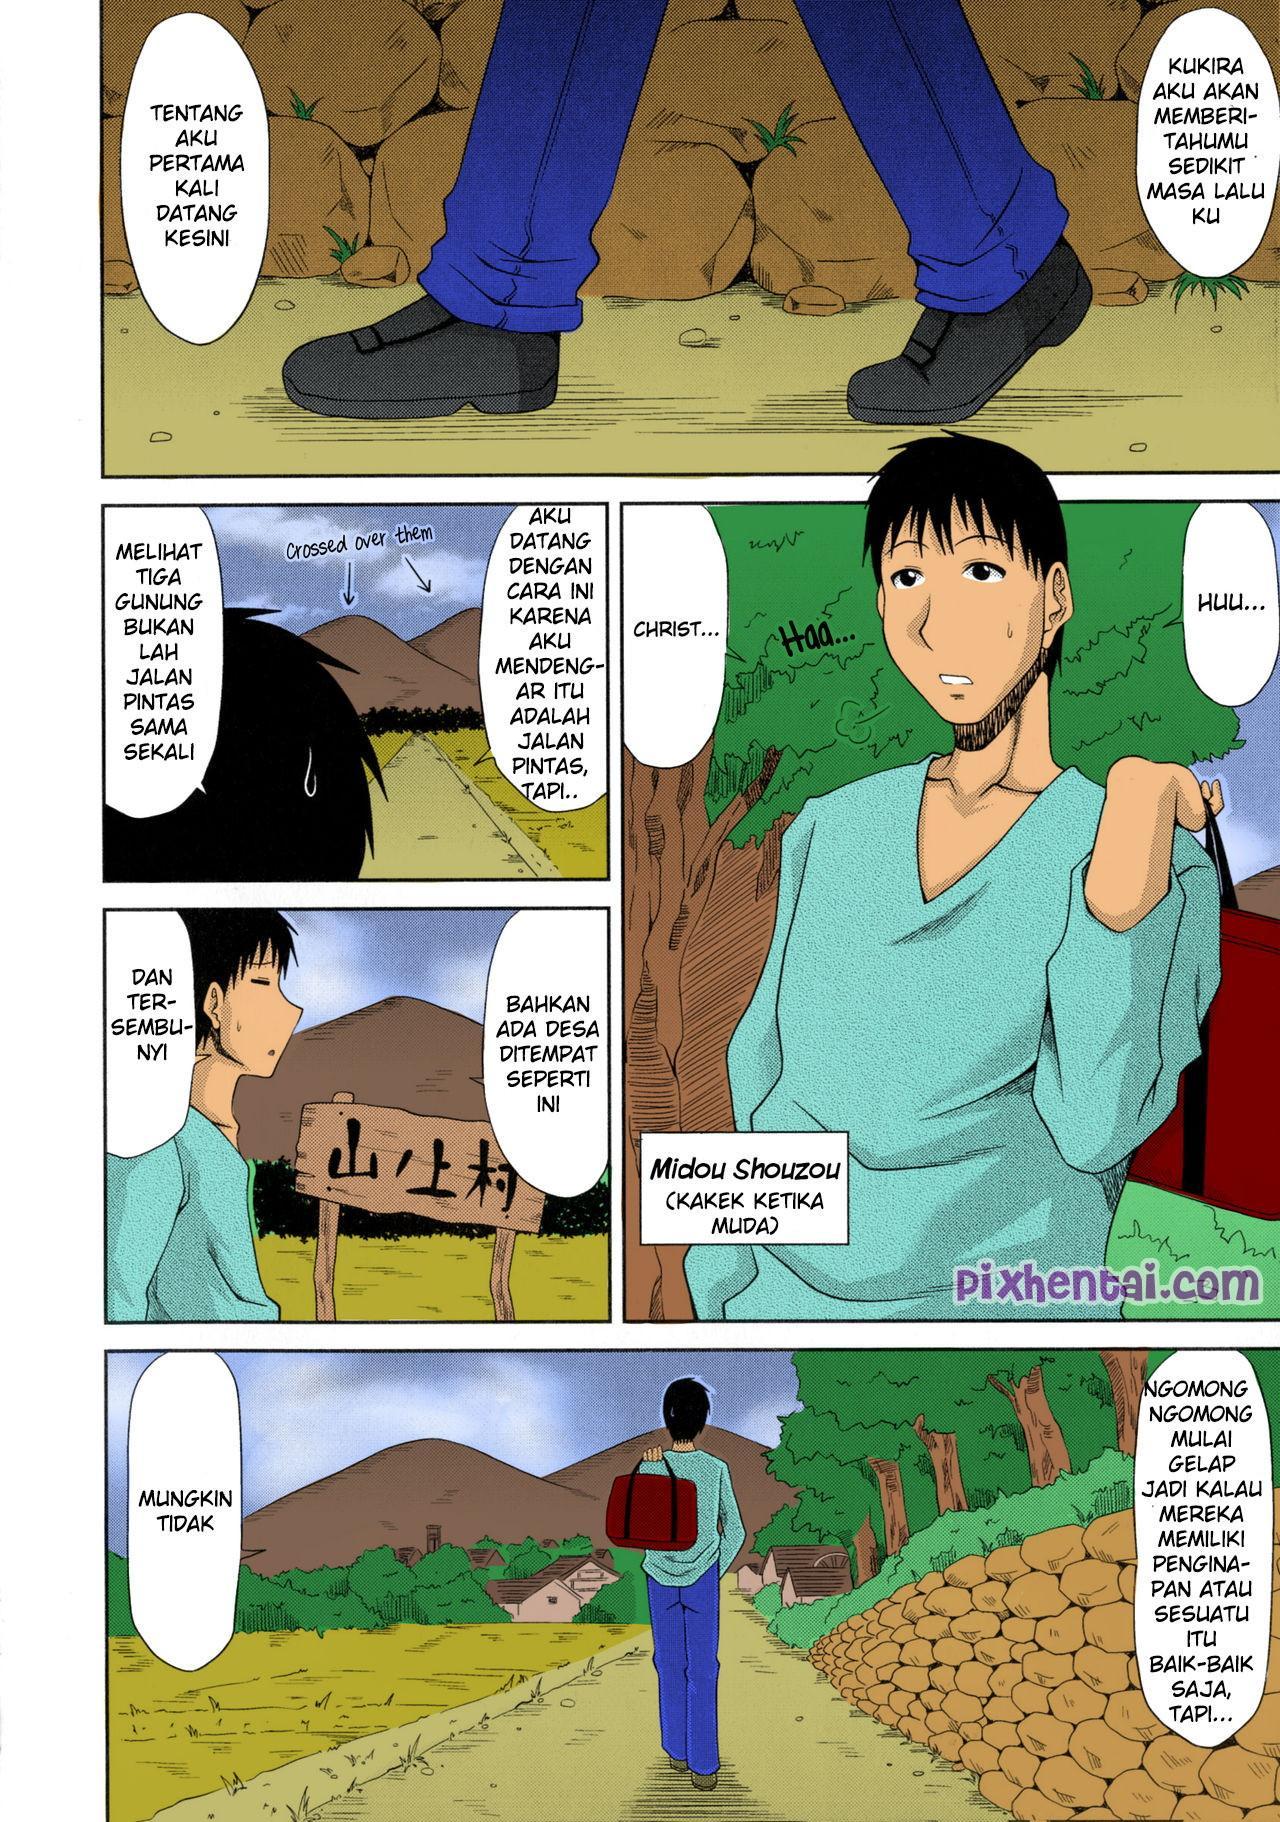 Komik hentai xxx manga sex bokep cerita kakek menghamili seluruh wanita desa 02